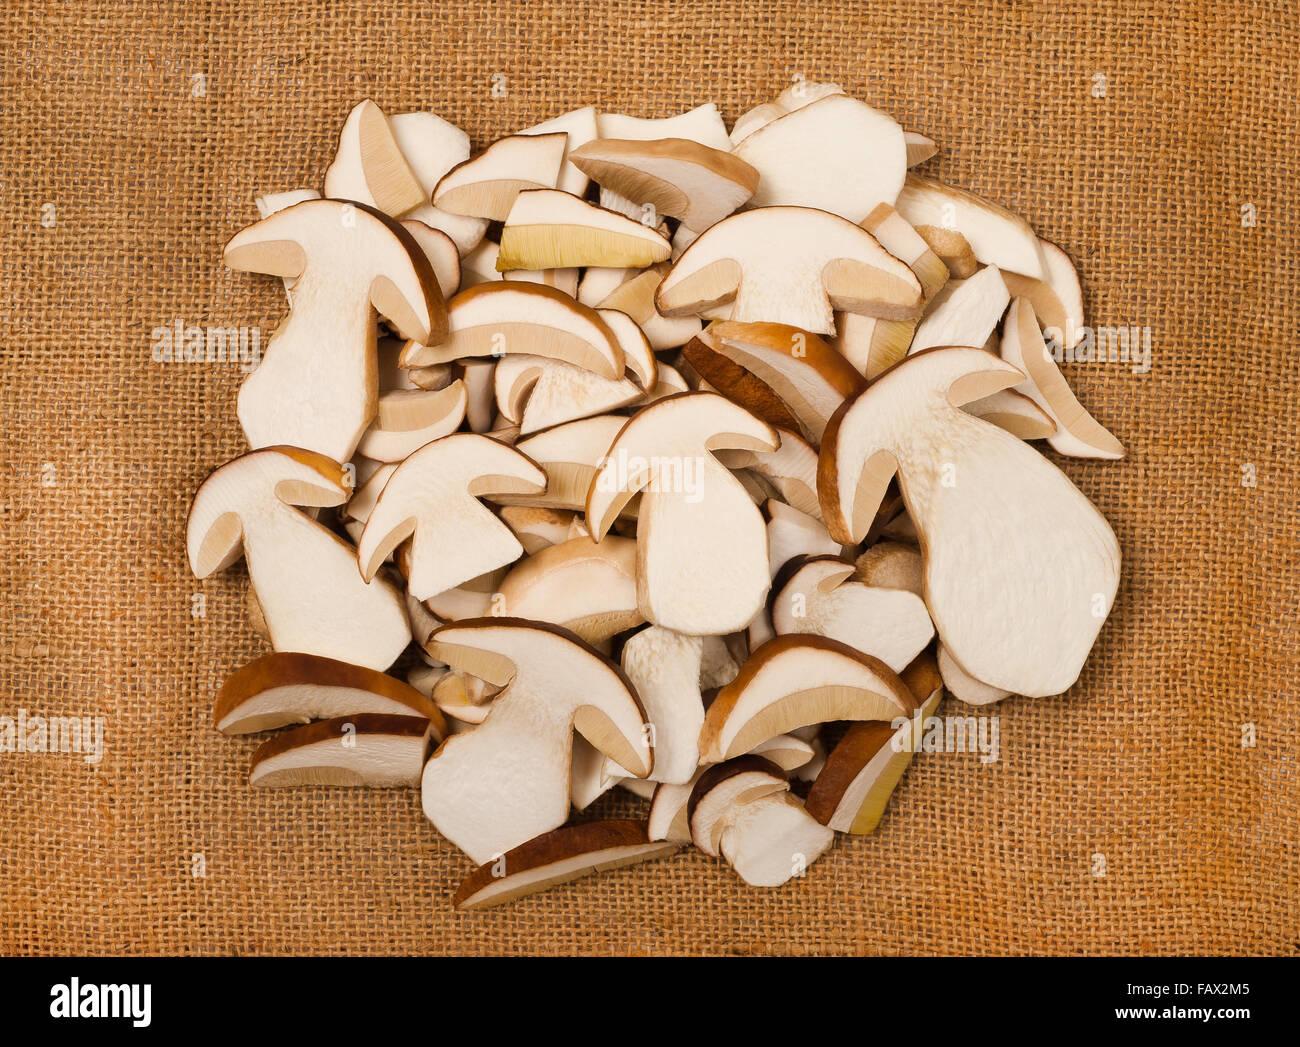 sliced mushrooms on jute background Stock Photo